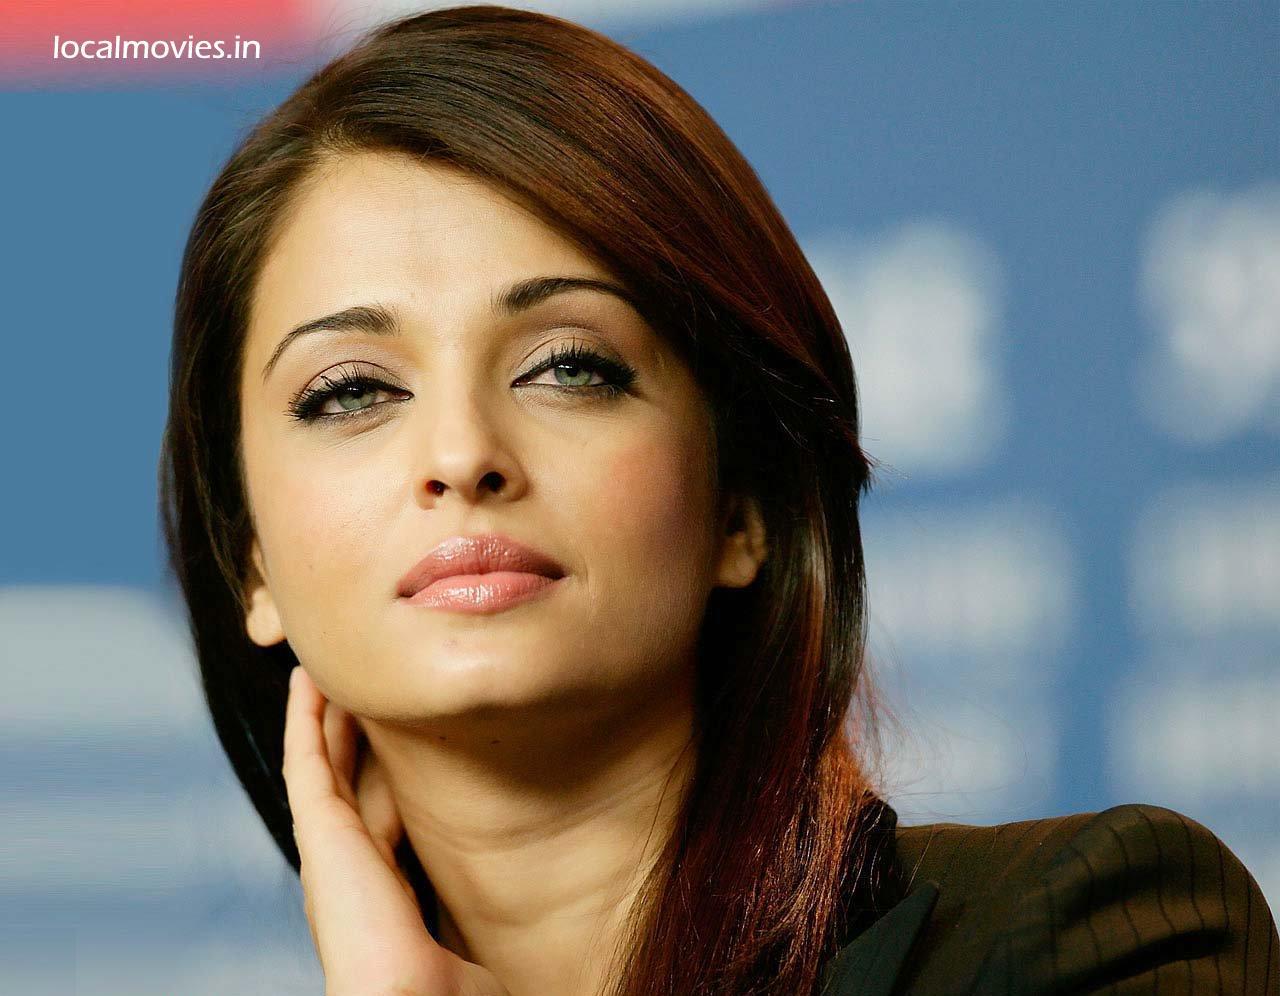 http://2.bp.blogspot.com/-GOHz4S0QY6c/T_PzINAhU4I/AAAAAAAAApI/5lswBn4Q2LQ/s1600/Aishwarya+Rai+New+5.jpg